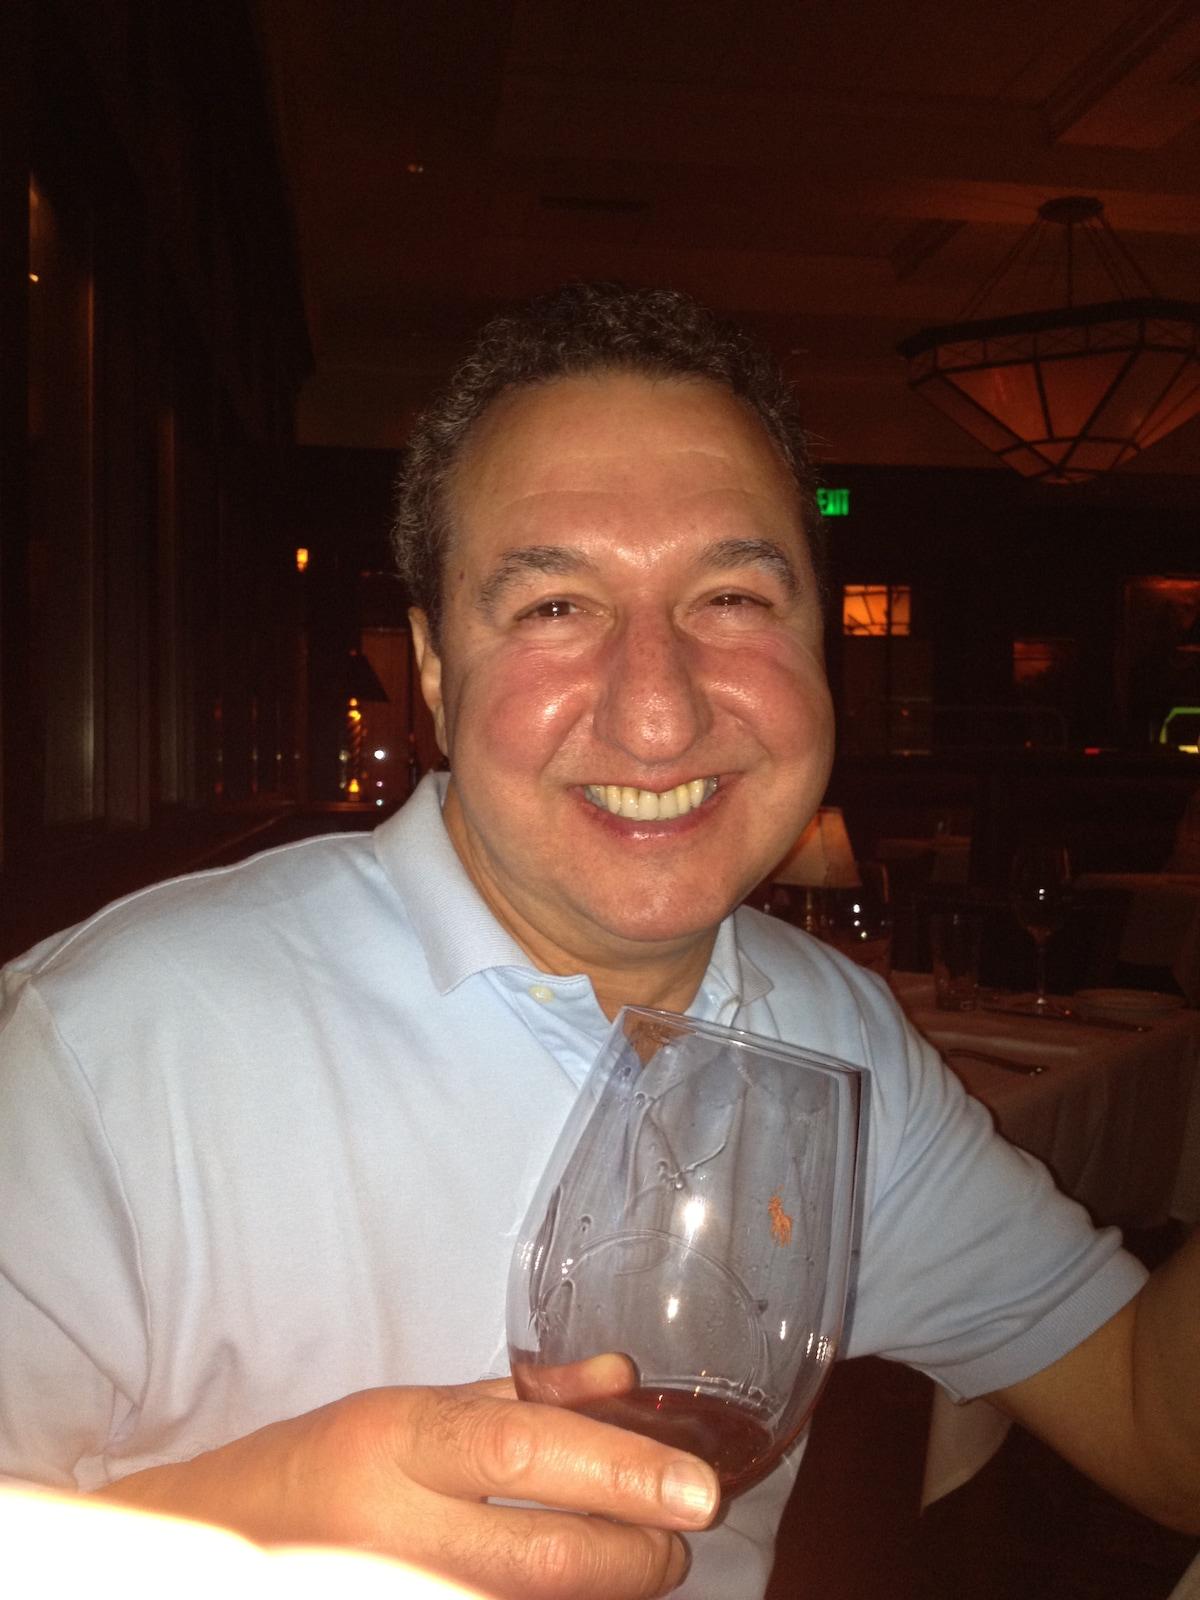 David From Westhampton, NY